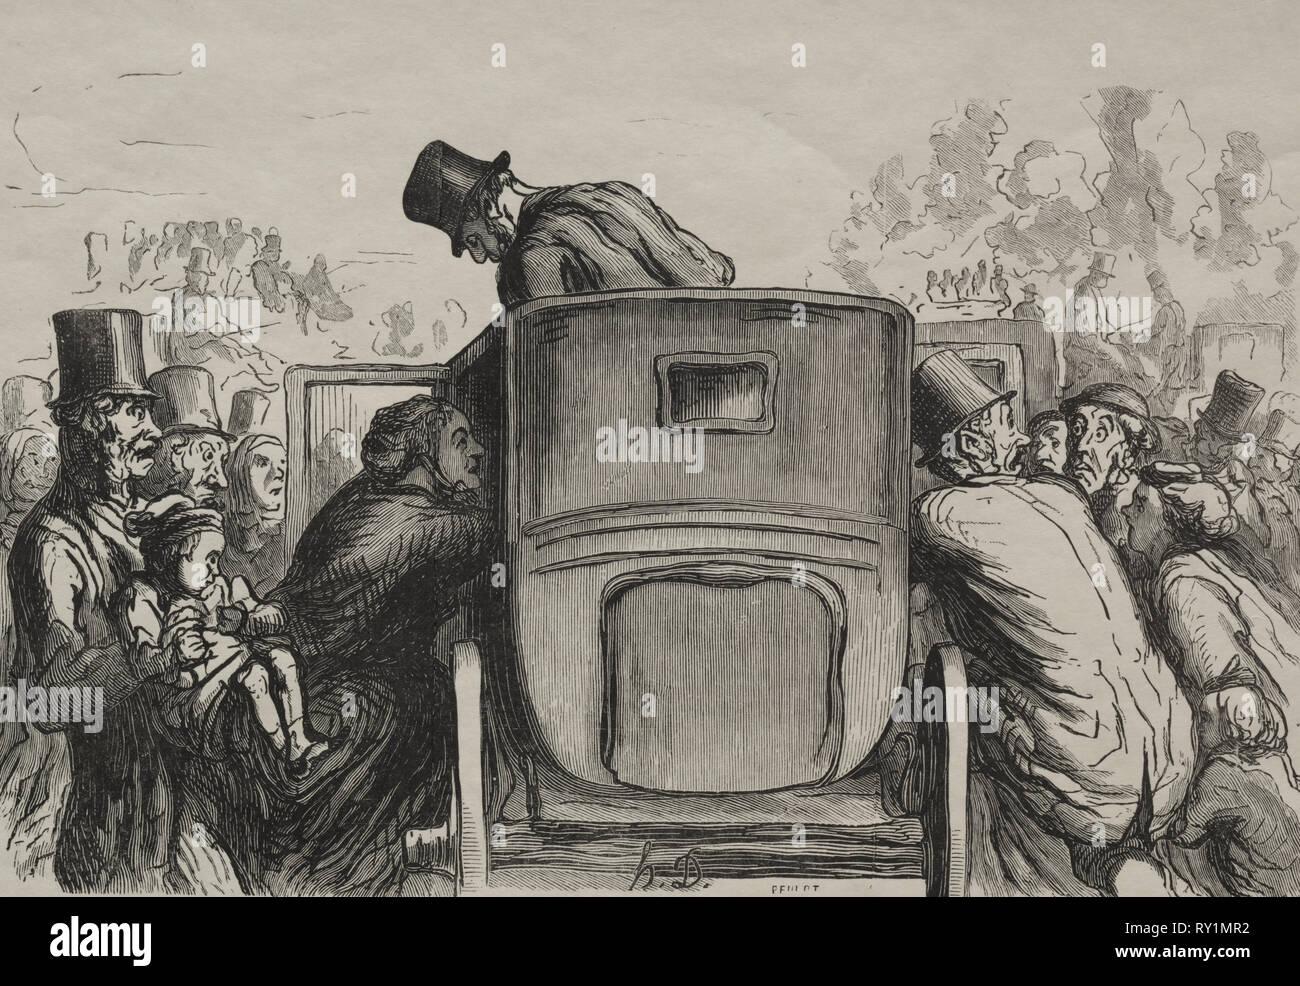 Exposition universelle:  L'etranger trouve toutes les facilités pour retourner à son hôtel. Honoré Daumier (French, 1808-1879). Wood engraving - Stock Image